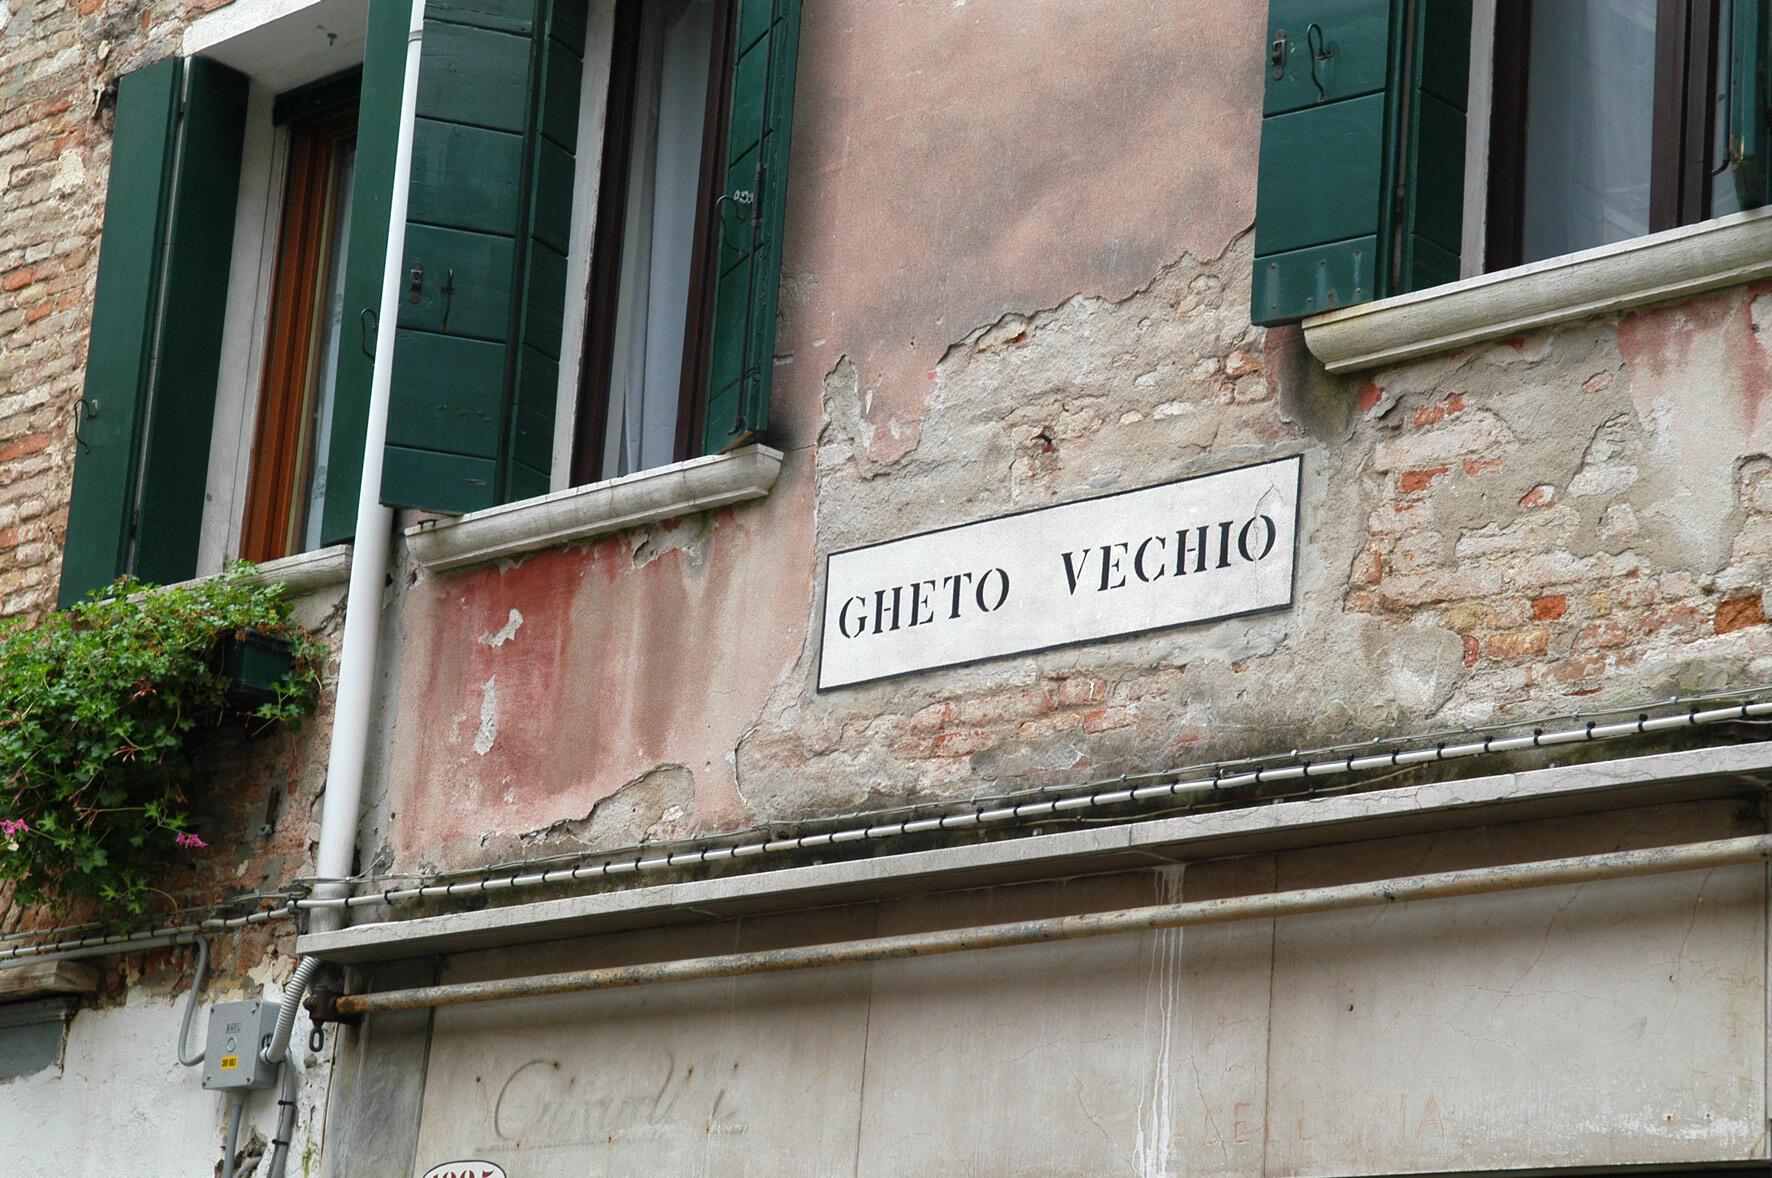 Венецианское гетто служило образцом для всех последующих, вплоть до 20 века.